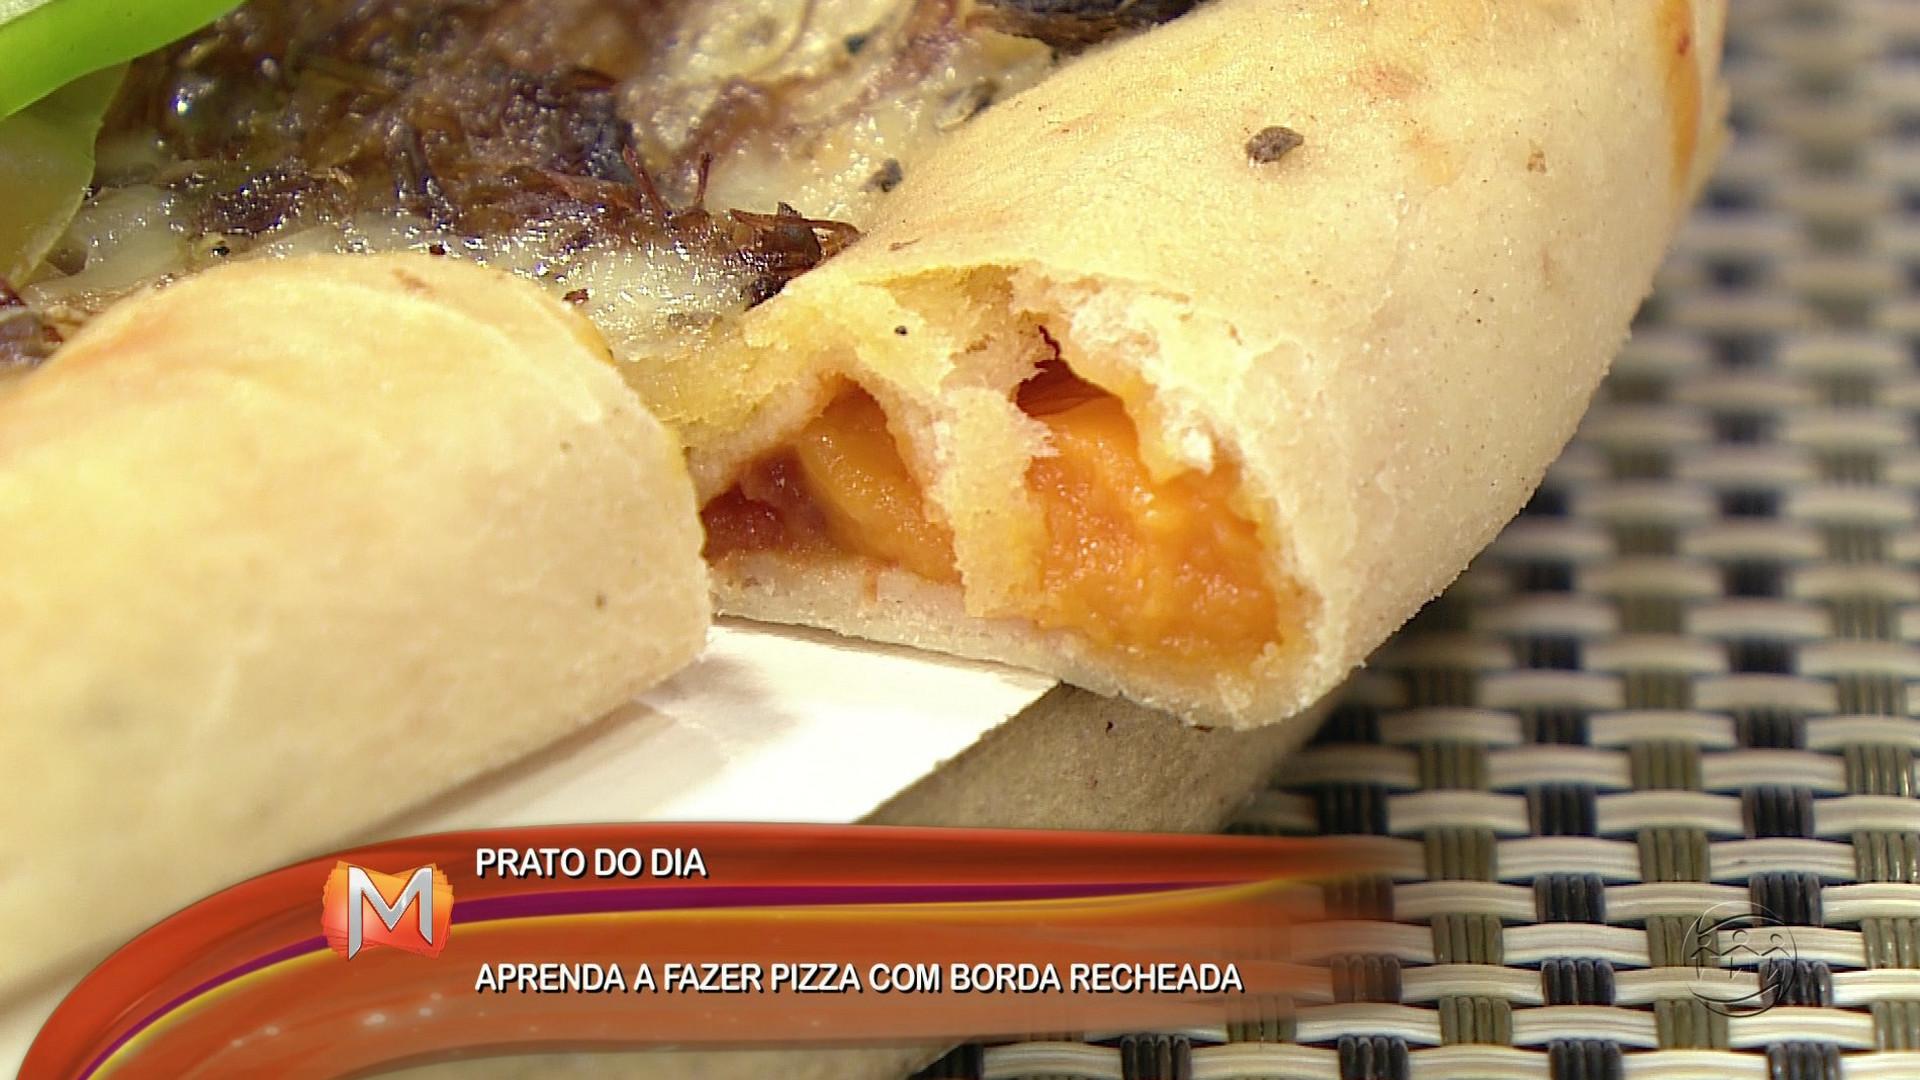 CULINÁRIA: APRENDA A FAZER PIZZA COM BORDA RECHEADA - Magazine 24/11/17